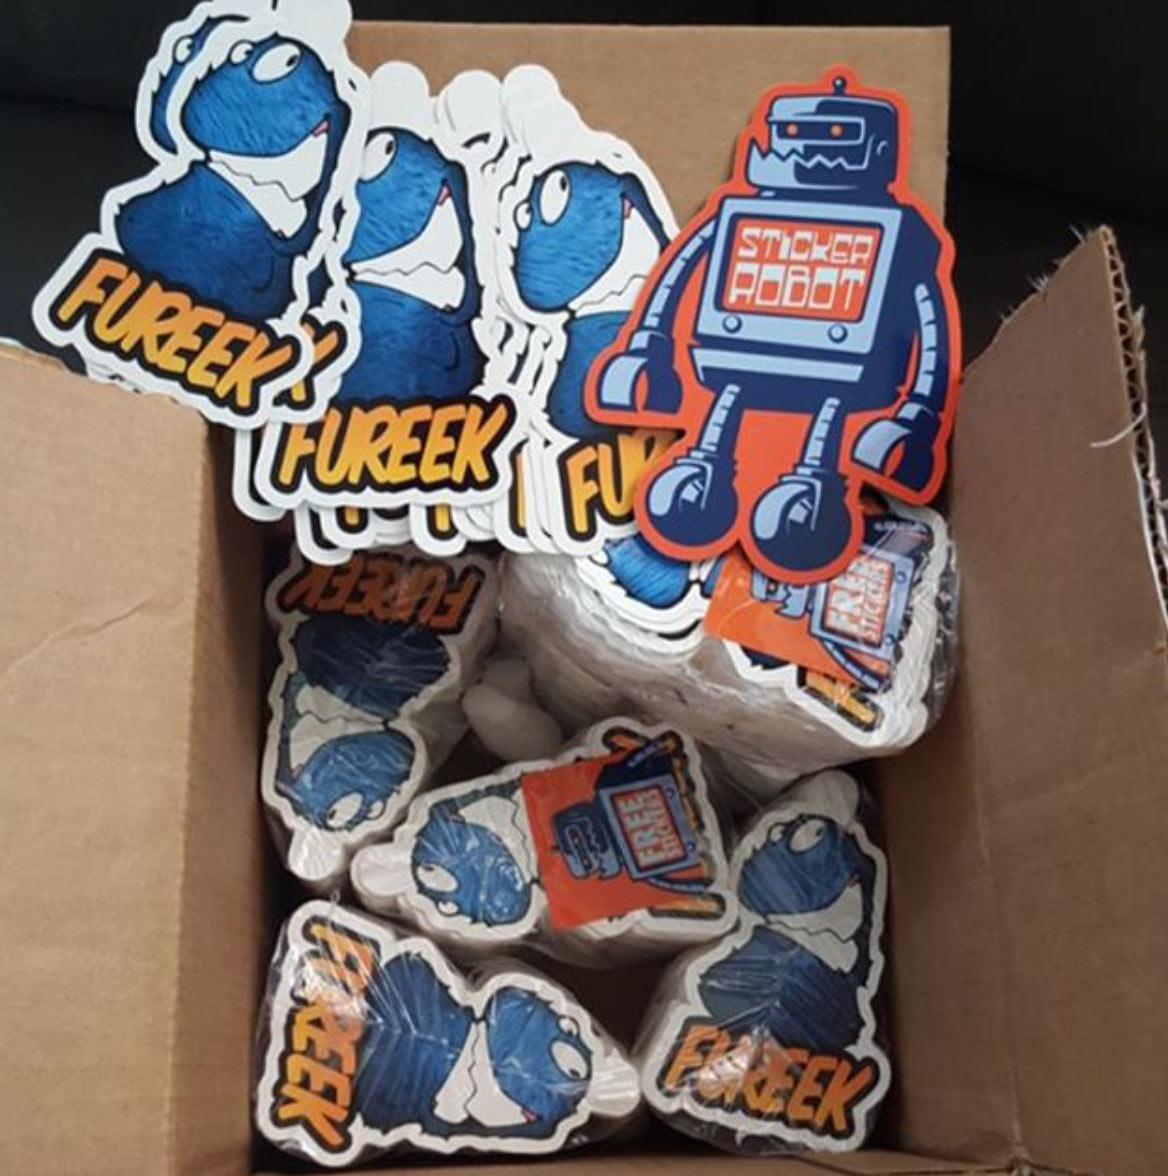 sticker robot promo sticker run